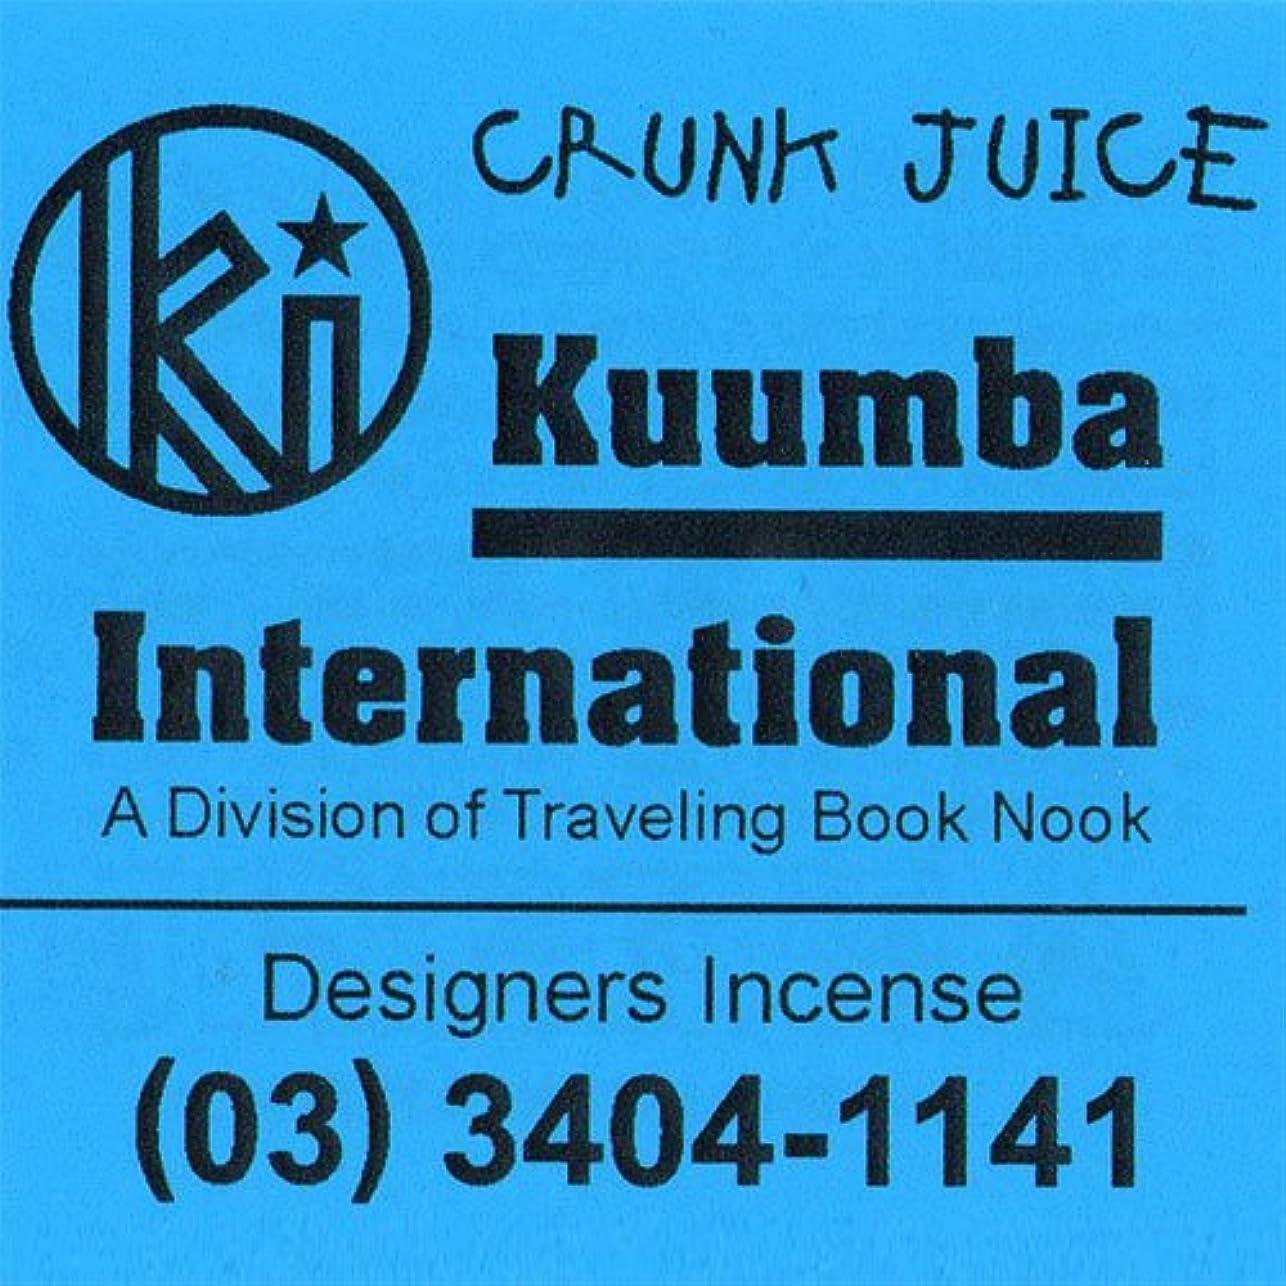 レザーメトロポリタンお気に入りKUUMBA / クンバ『incense』(CRUNK JUICE) (Regular size)